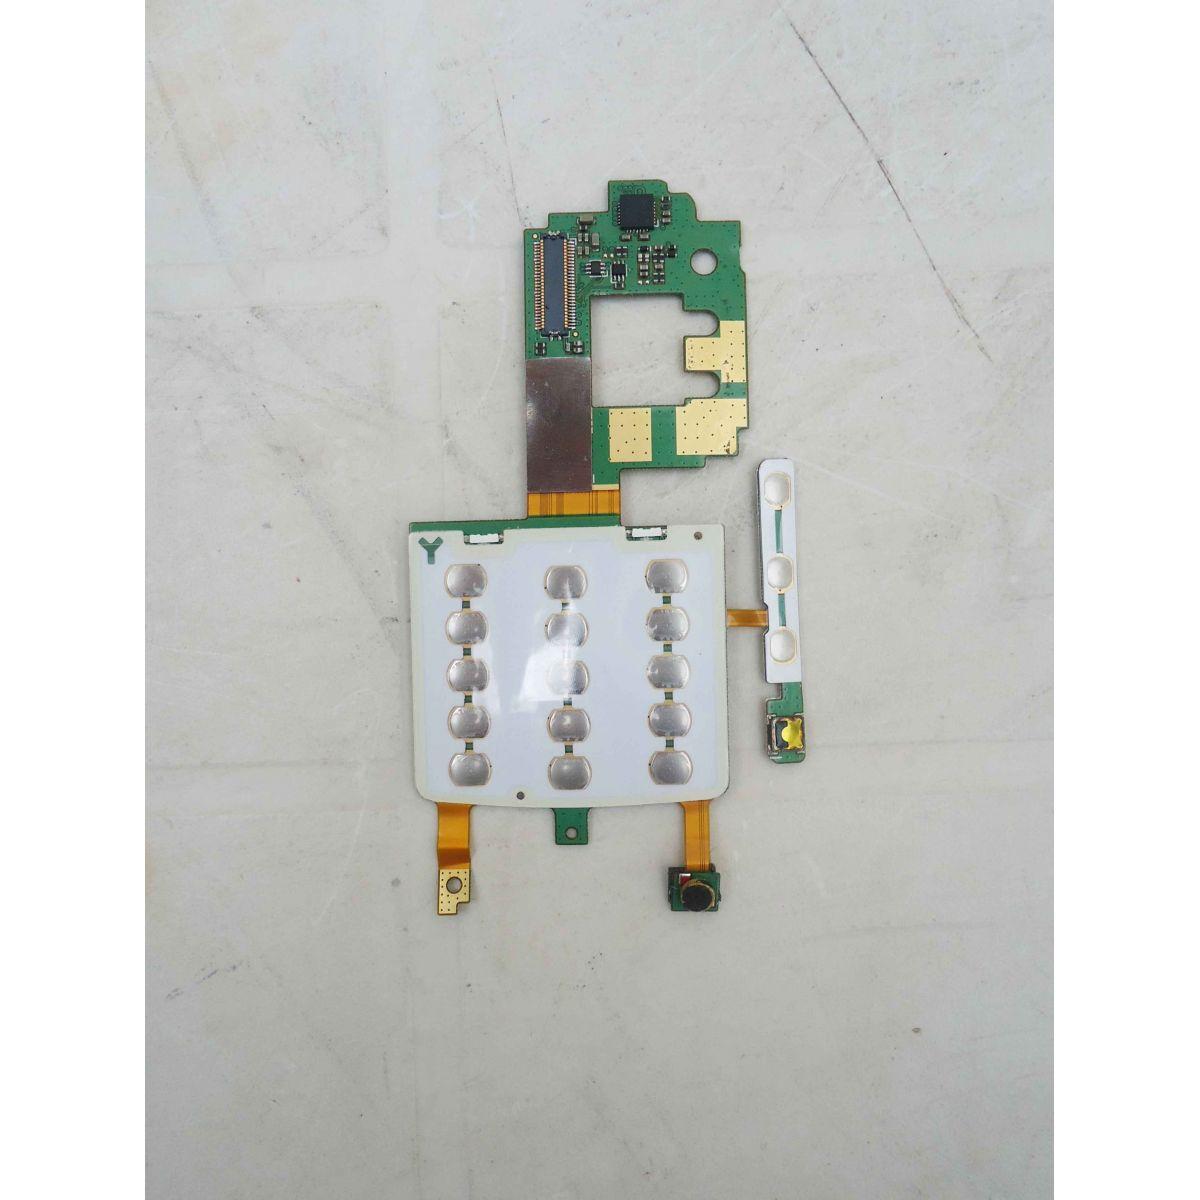 Placa Logica c/ Teclado LG Shine ME-970D SPCY0088201-1.4